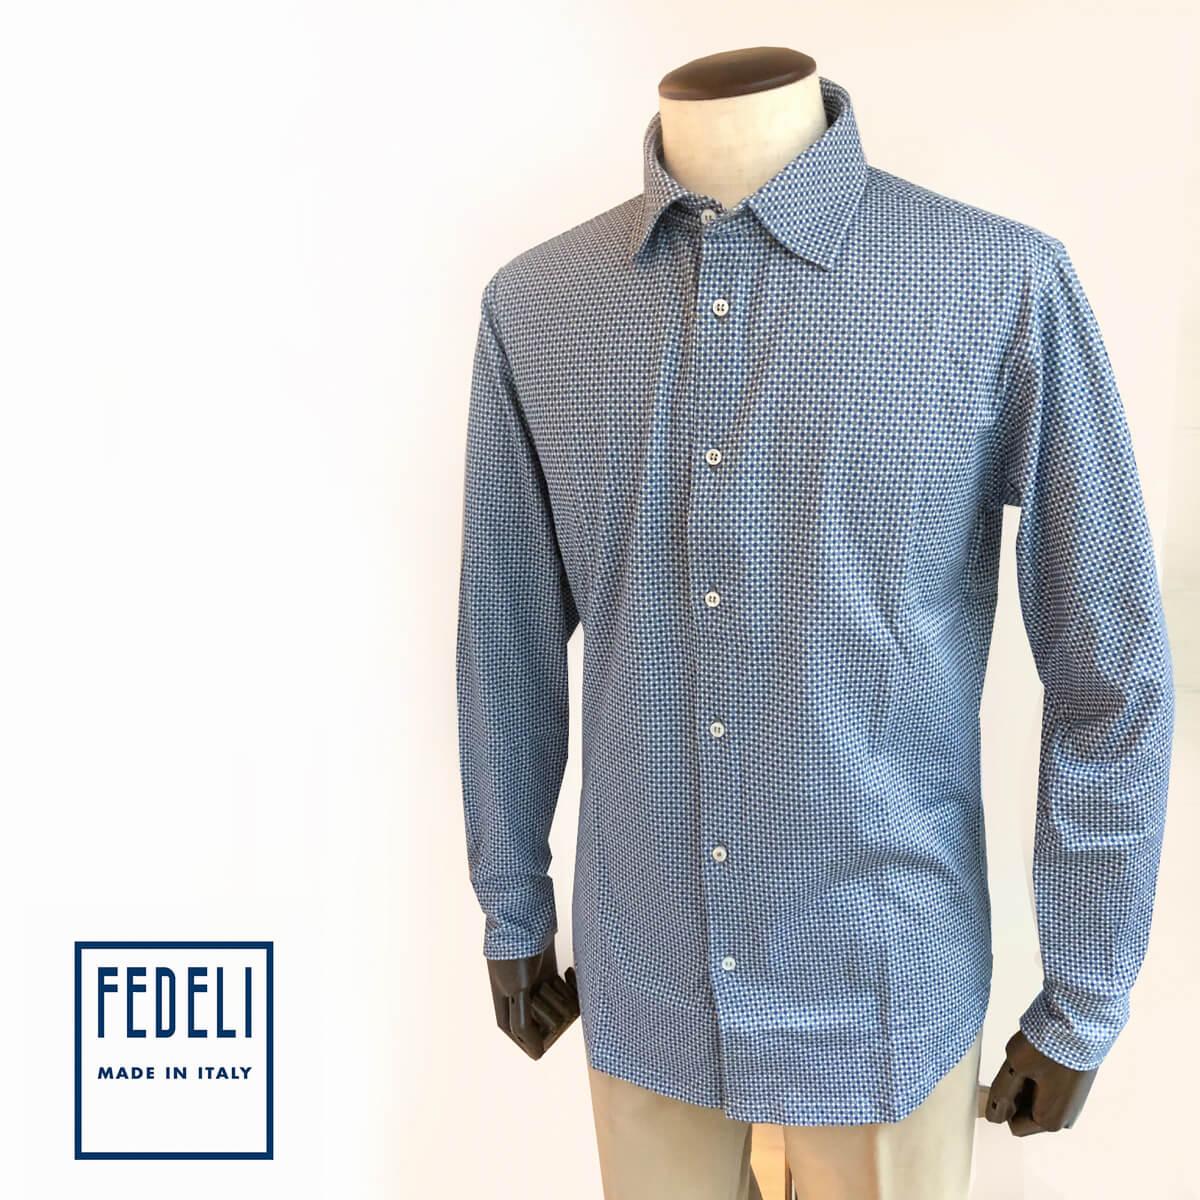 FEDELI (フェデーリ) GIZA45コットンジャージシャツ ブランド メンズ シャツ カジュアル ブルーベージュ エジプト綿 おしゃれ